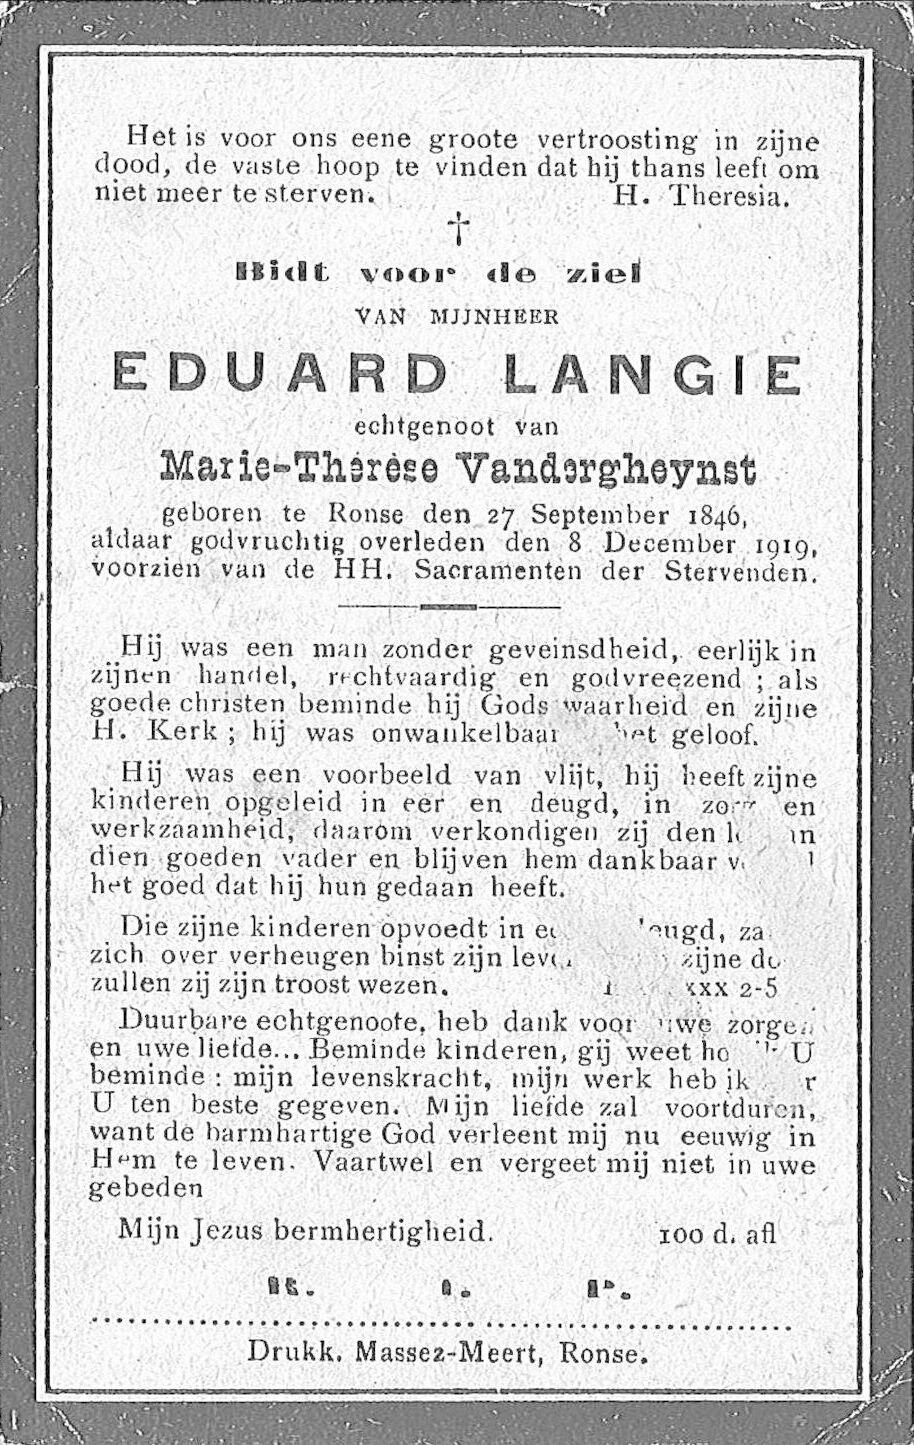 Eduard Langie